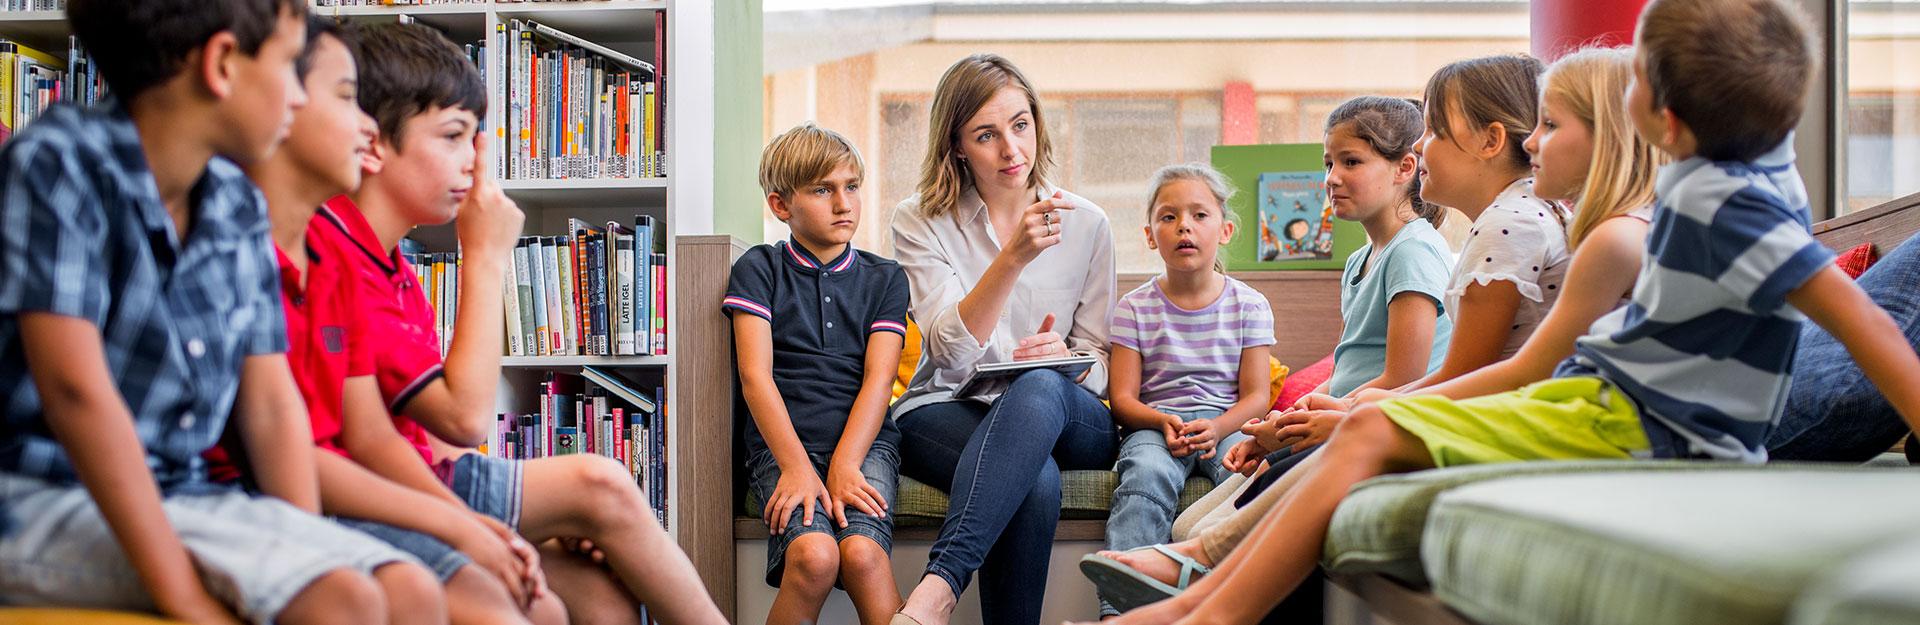 OBS Dijkzicht Olst - Jeelo Onderwijs